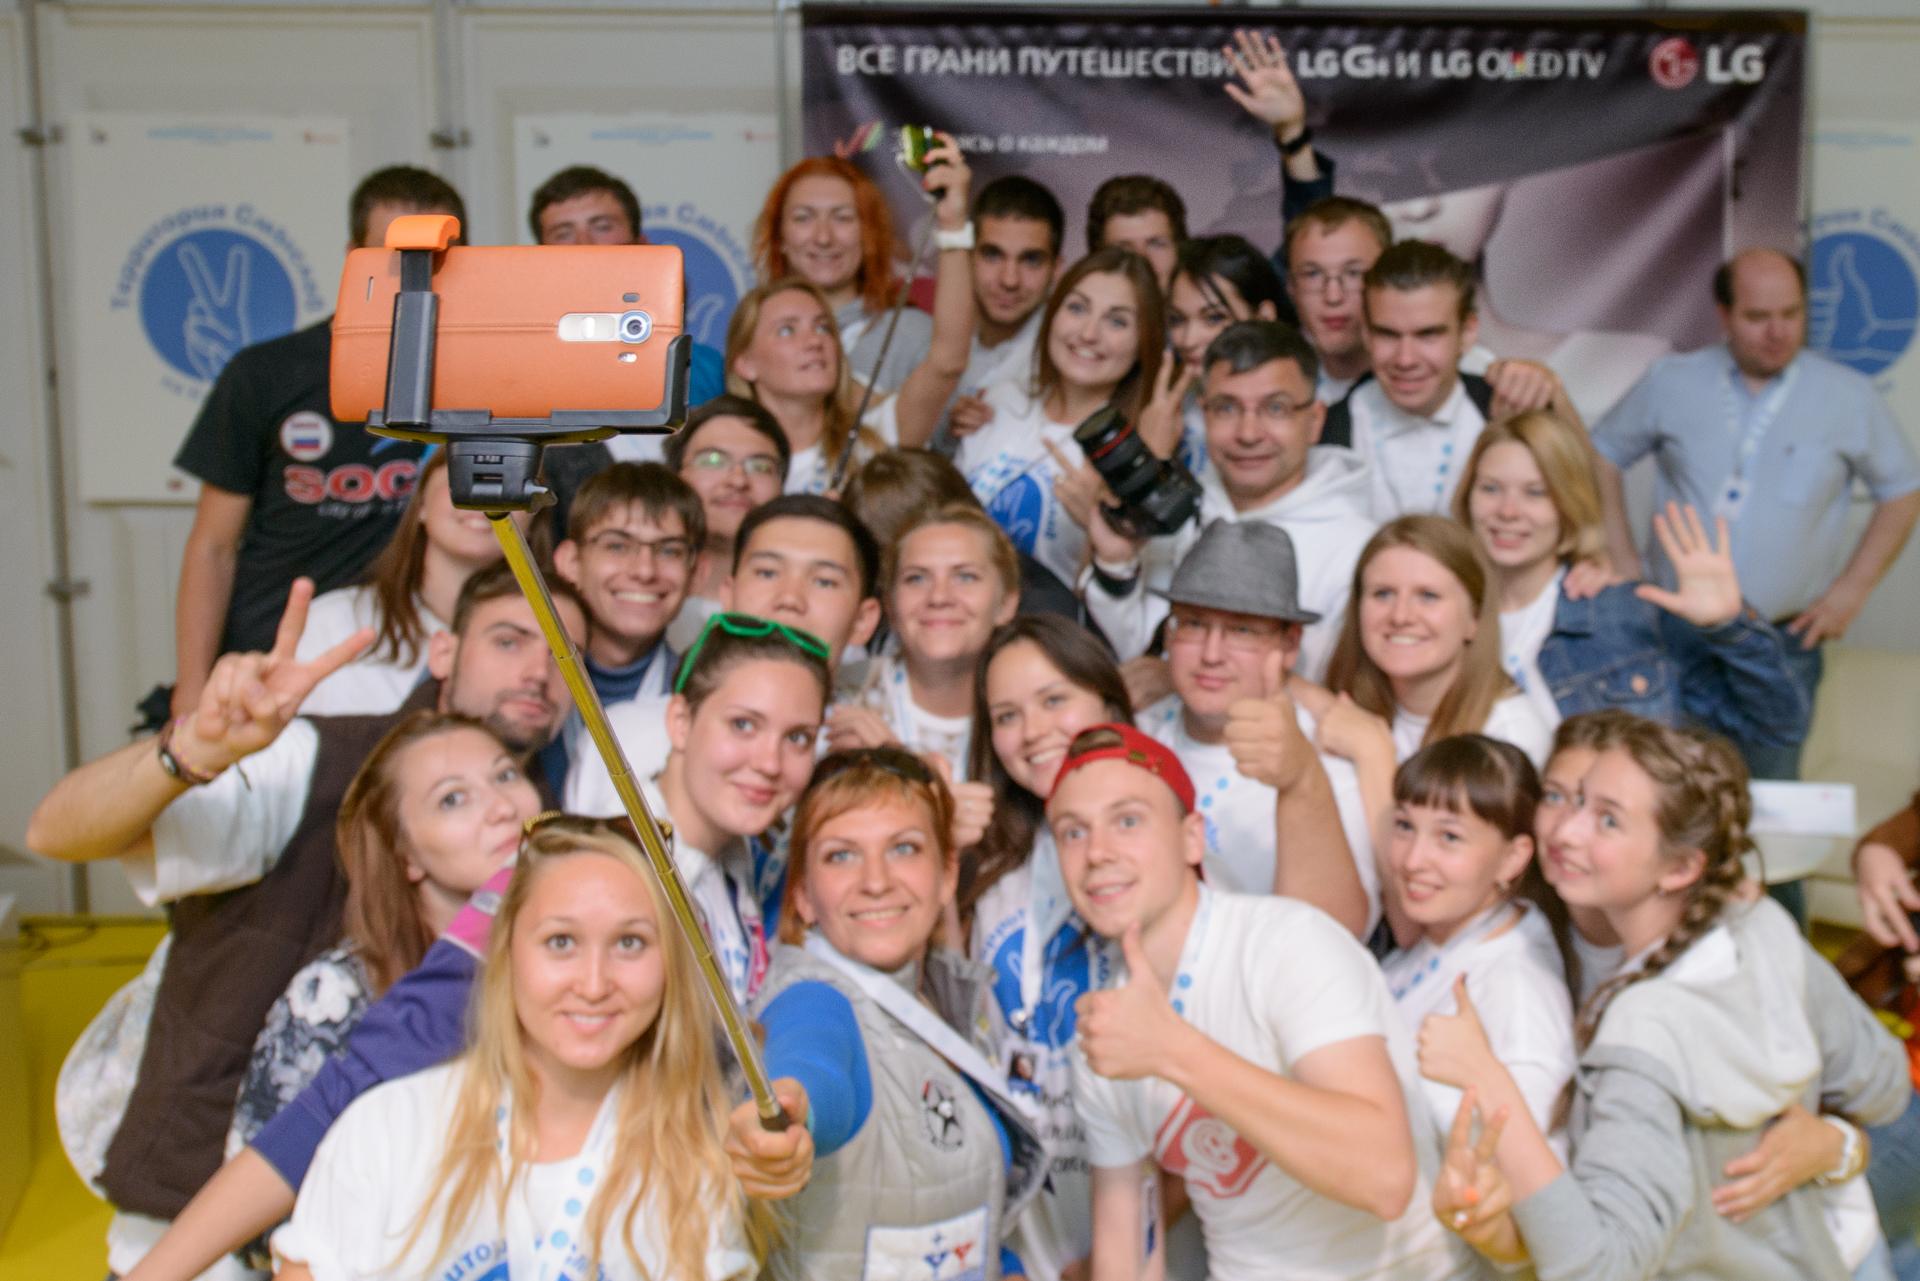 Мастер-класс Передовые технологии на службе журналистики от LG на Всероссийском молодежном образовательном форуме